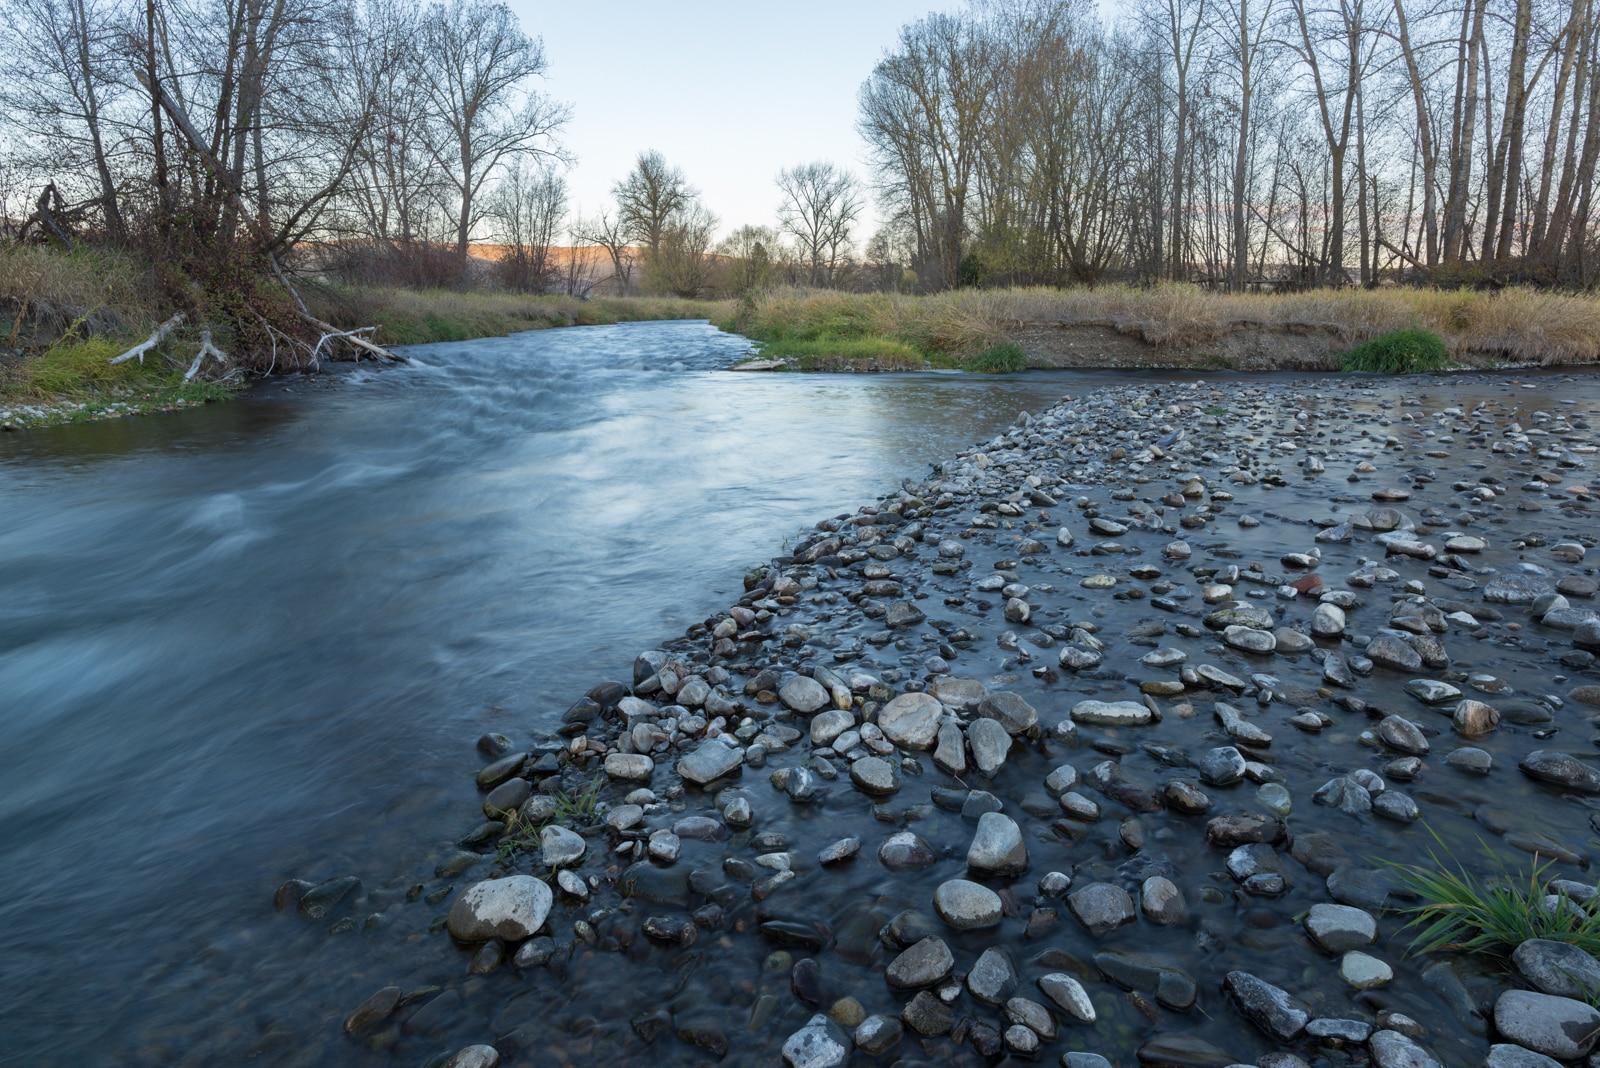 Lostine and Wallowa Rivers